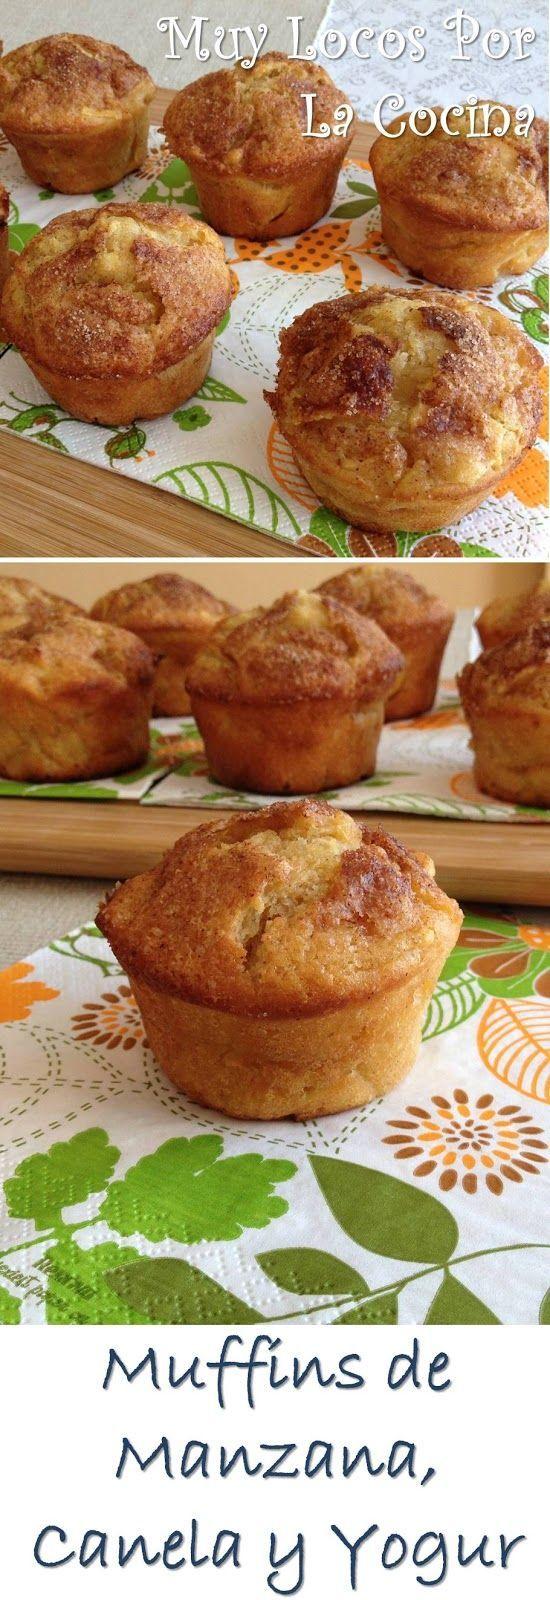 Postres C Cocina | Muffins De Manzana Canela Y Yogur Yogur Canela Y Locos